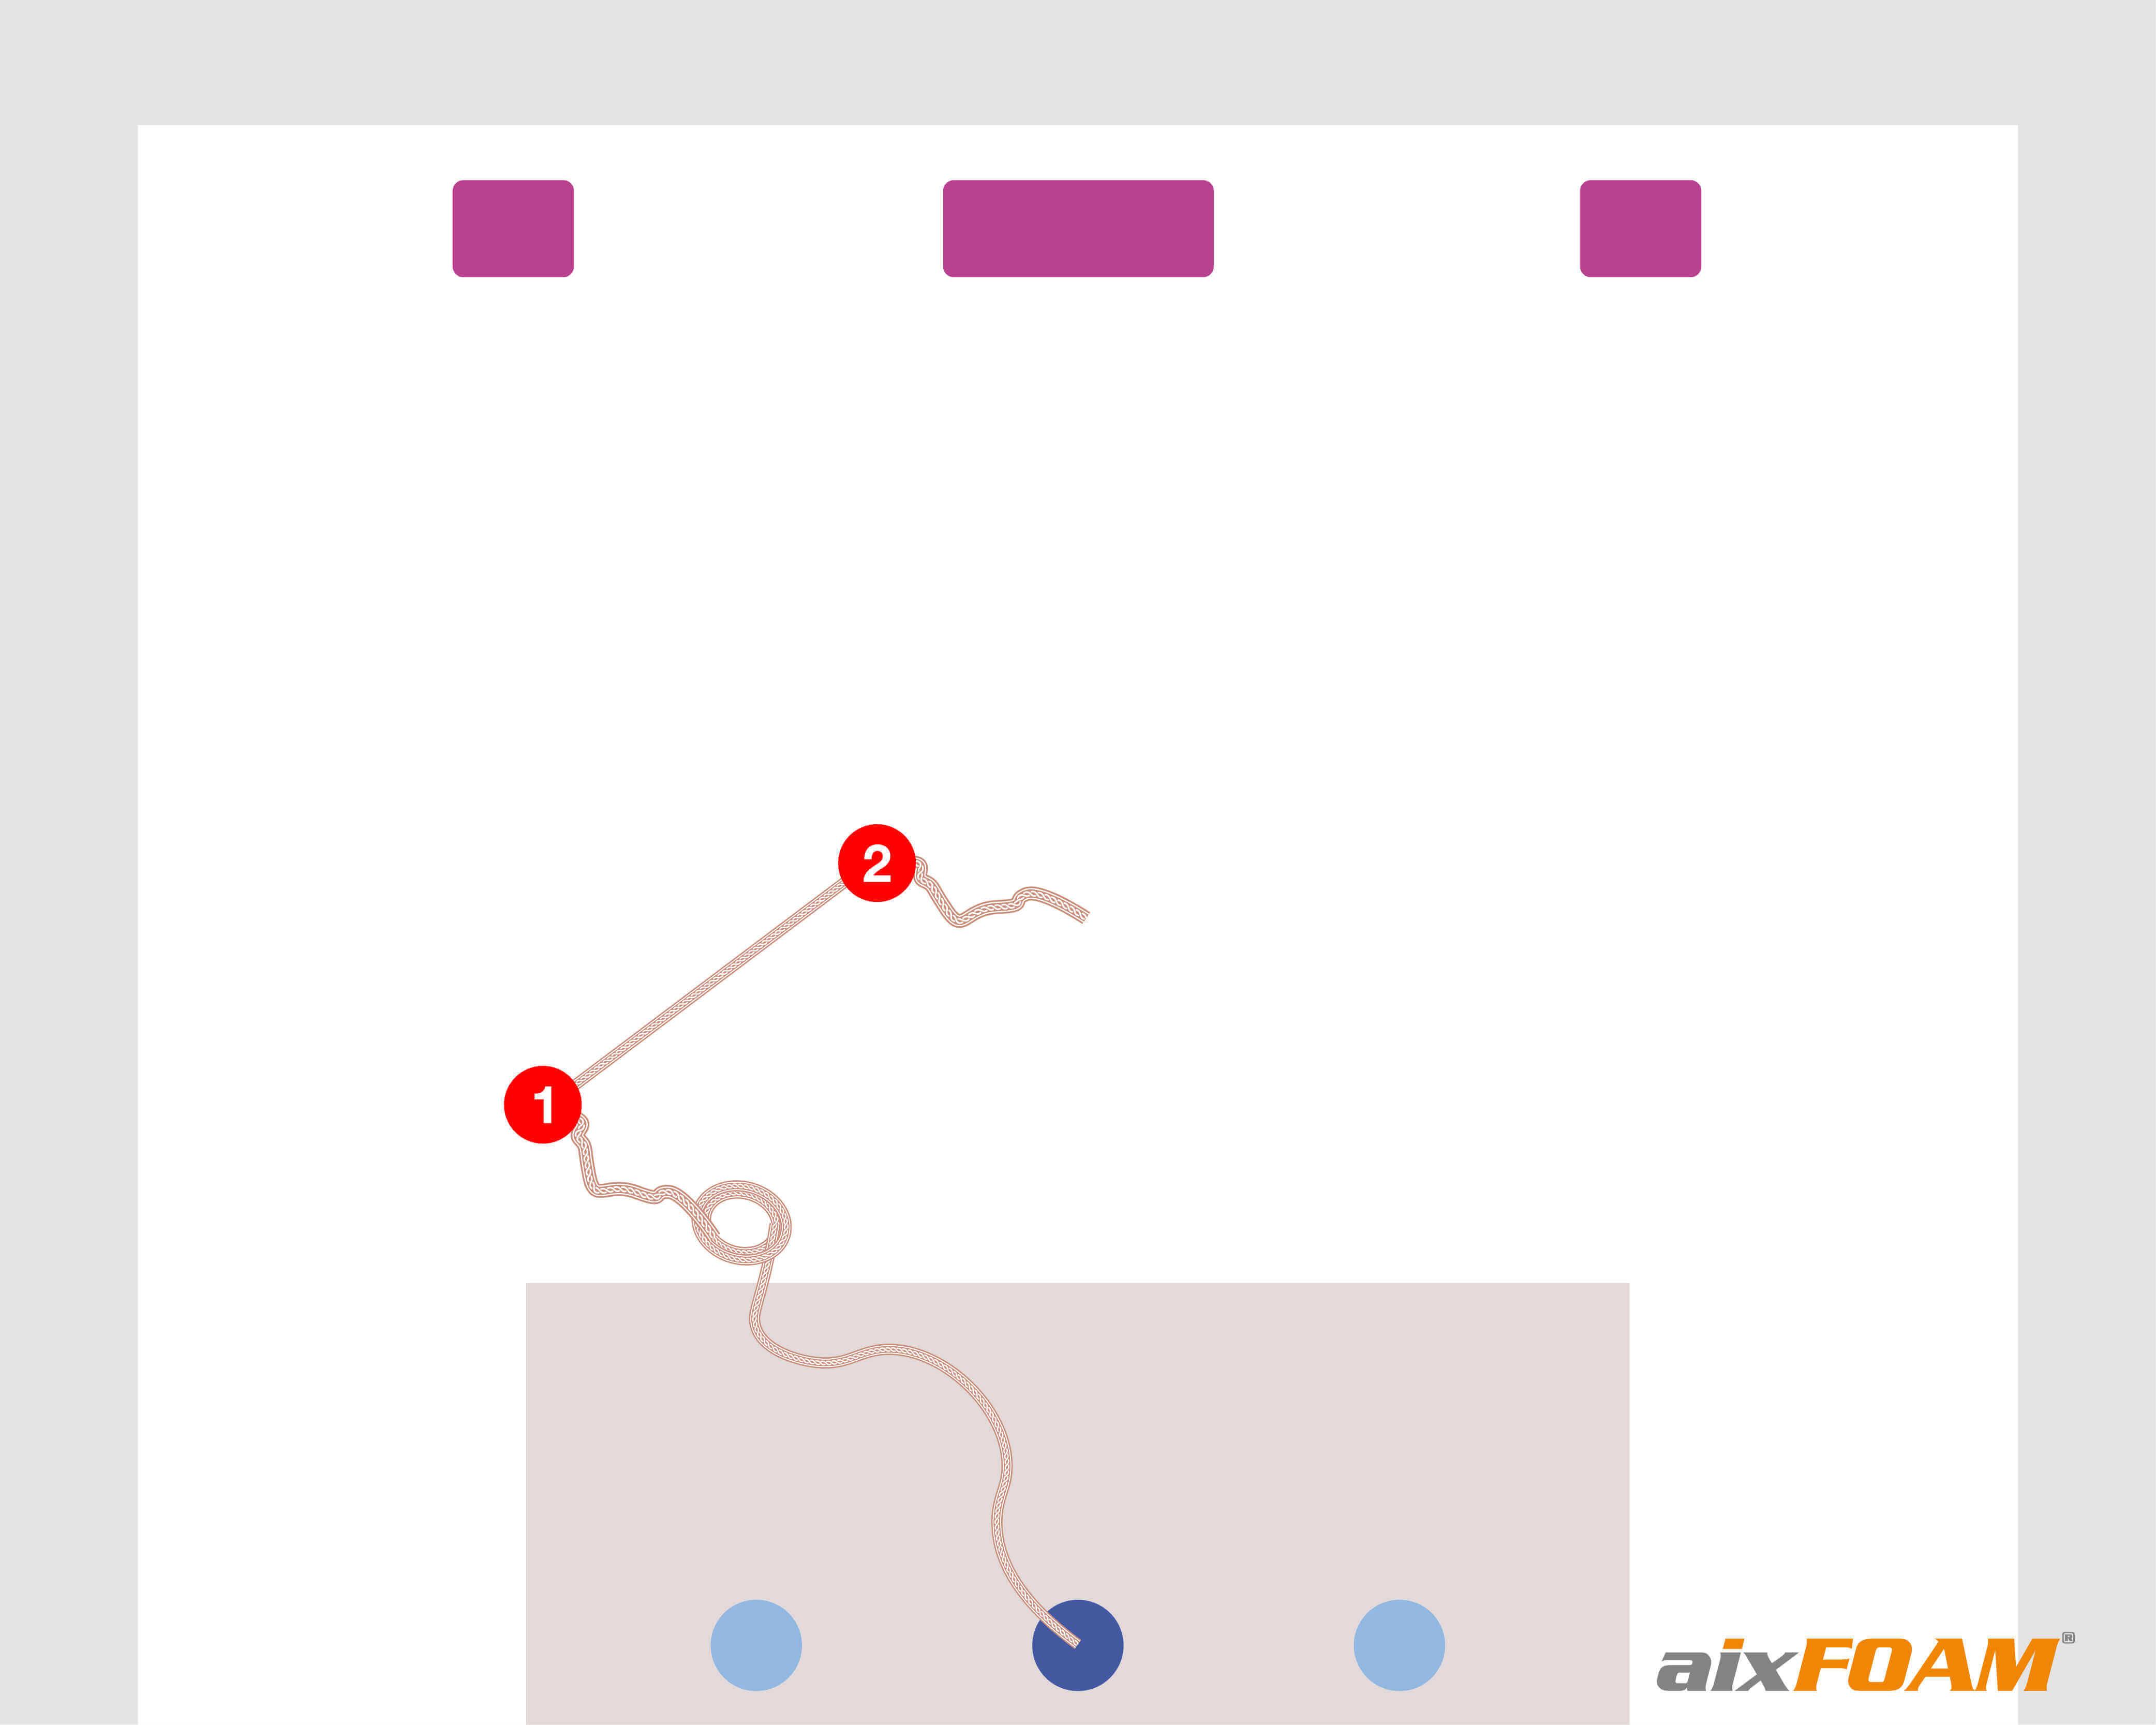 Vaihe 2: Aikaisemmin heijastuneen äänen kulkemasta matkasta saadun pituuden mittaus, alkaen ensimmäisestä solmusta, kohta merkitään toisella solmulla